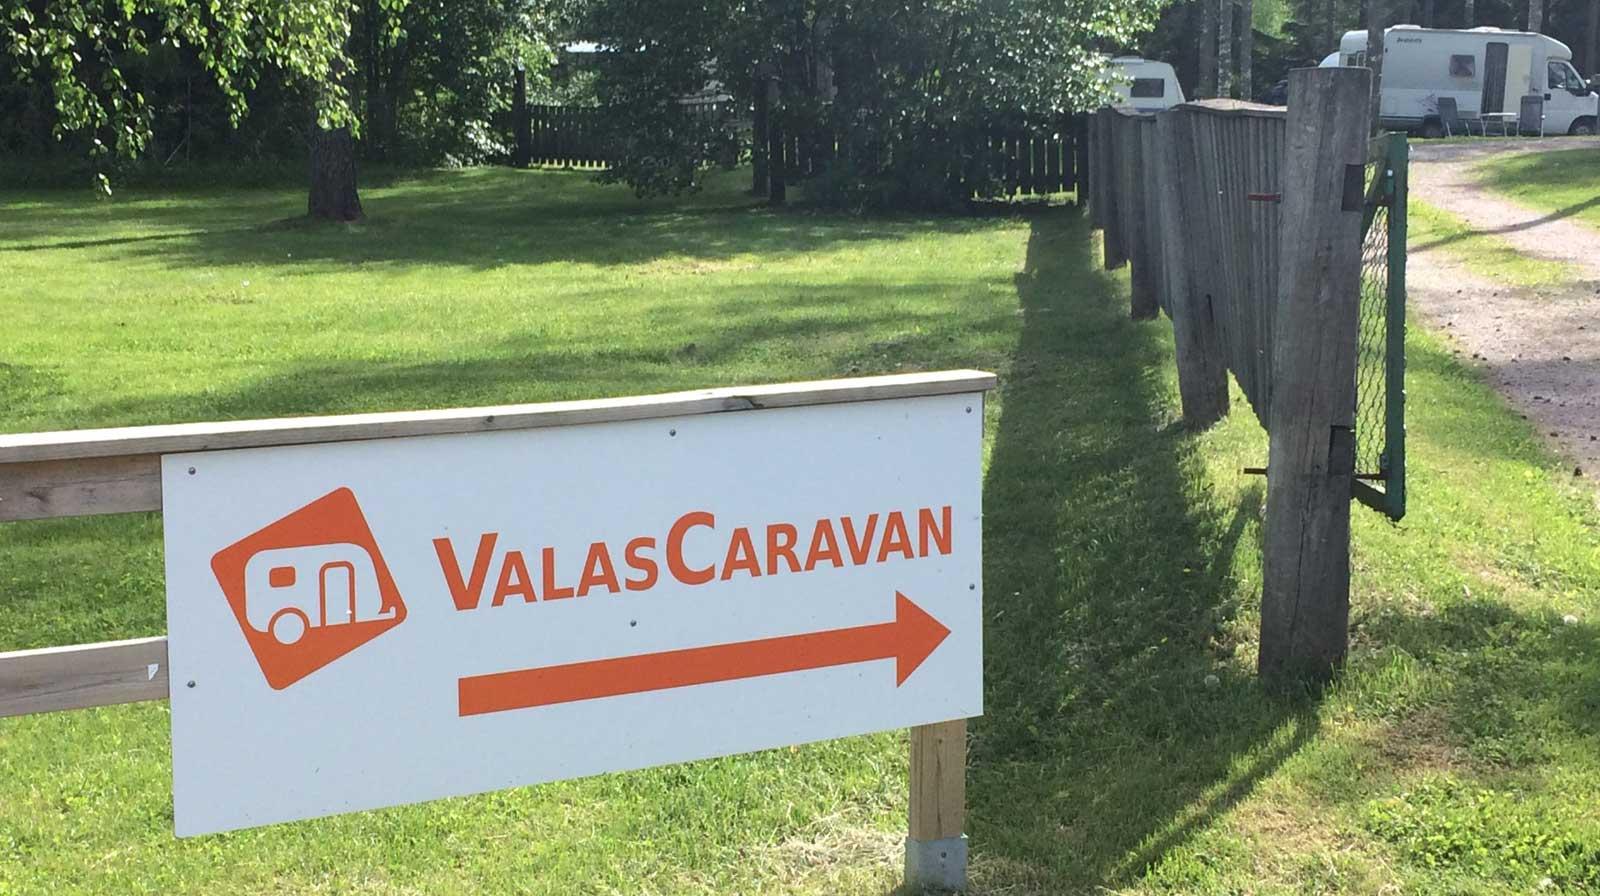 ValasCaravan